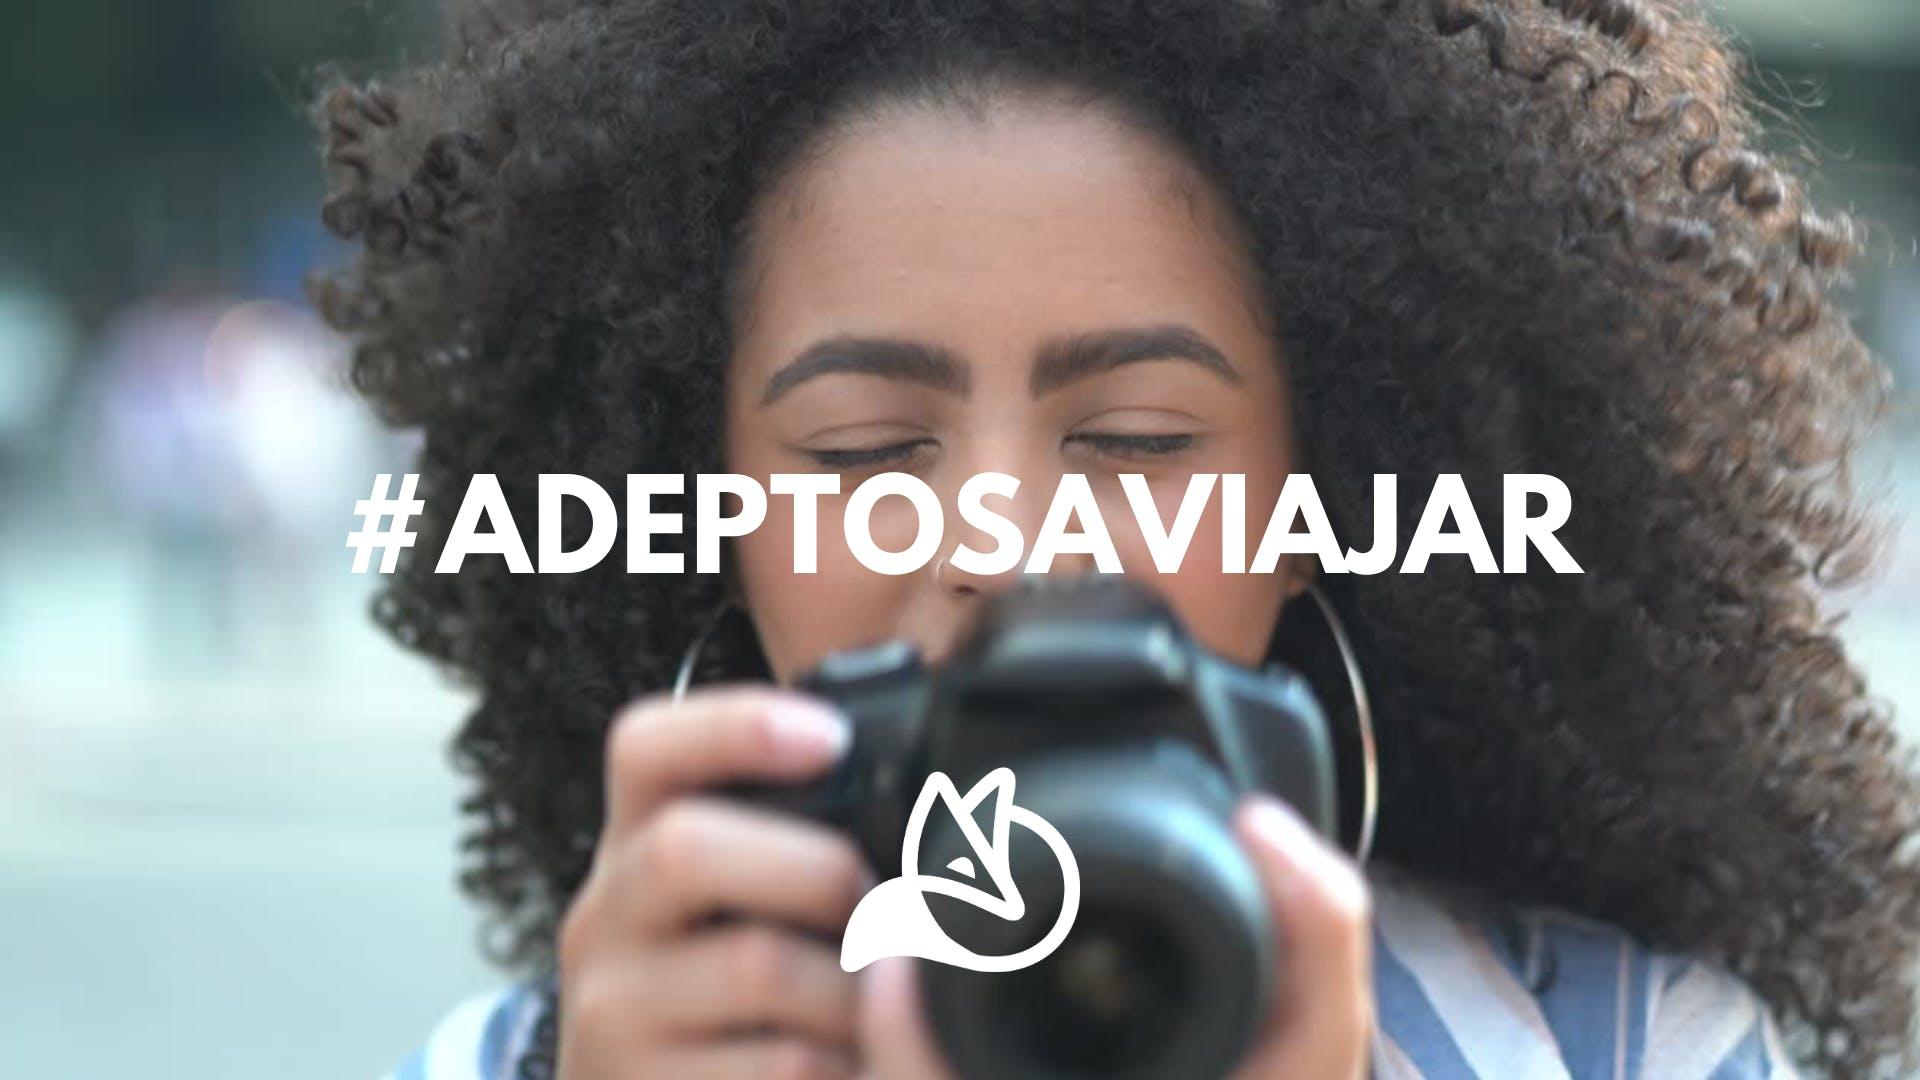 #AdeptosAViajar